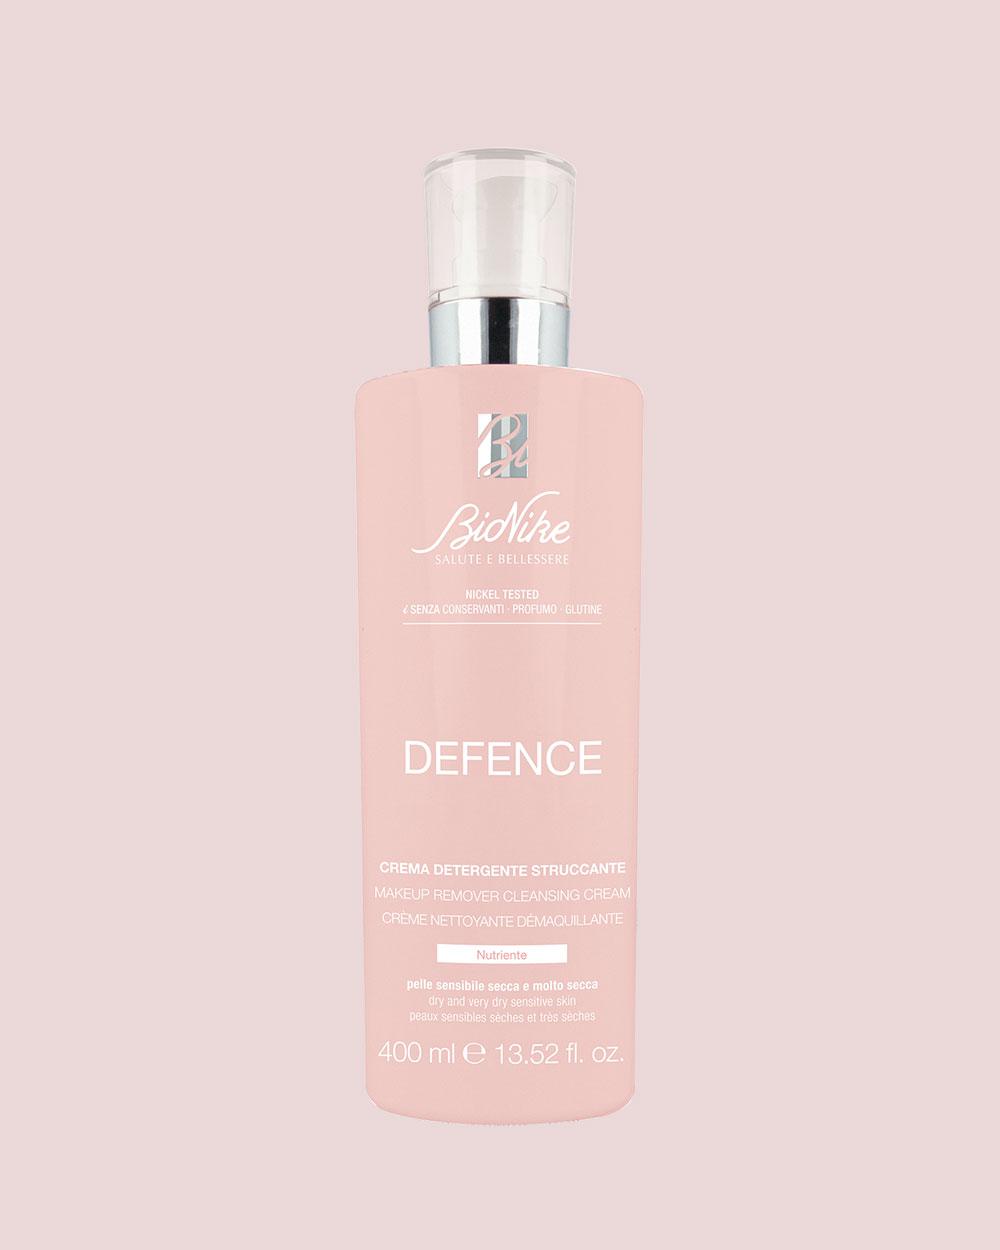 Defence crema detergente struccante 400ml